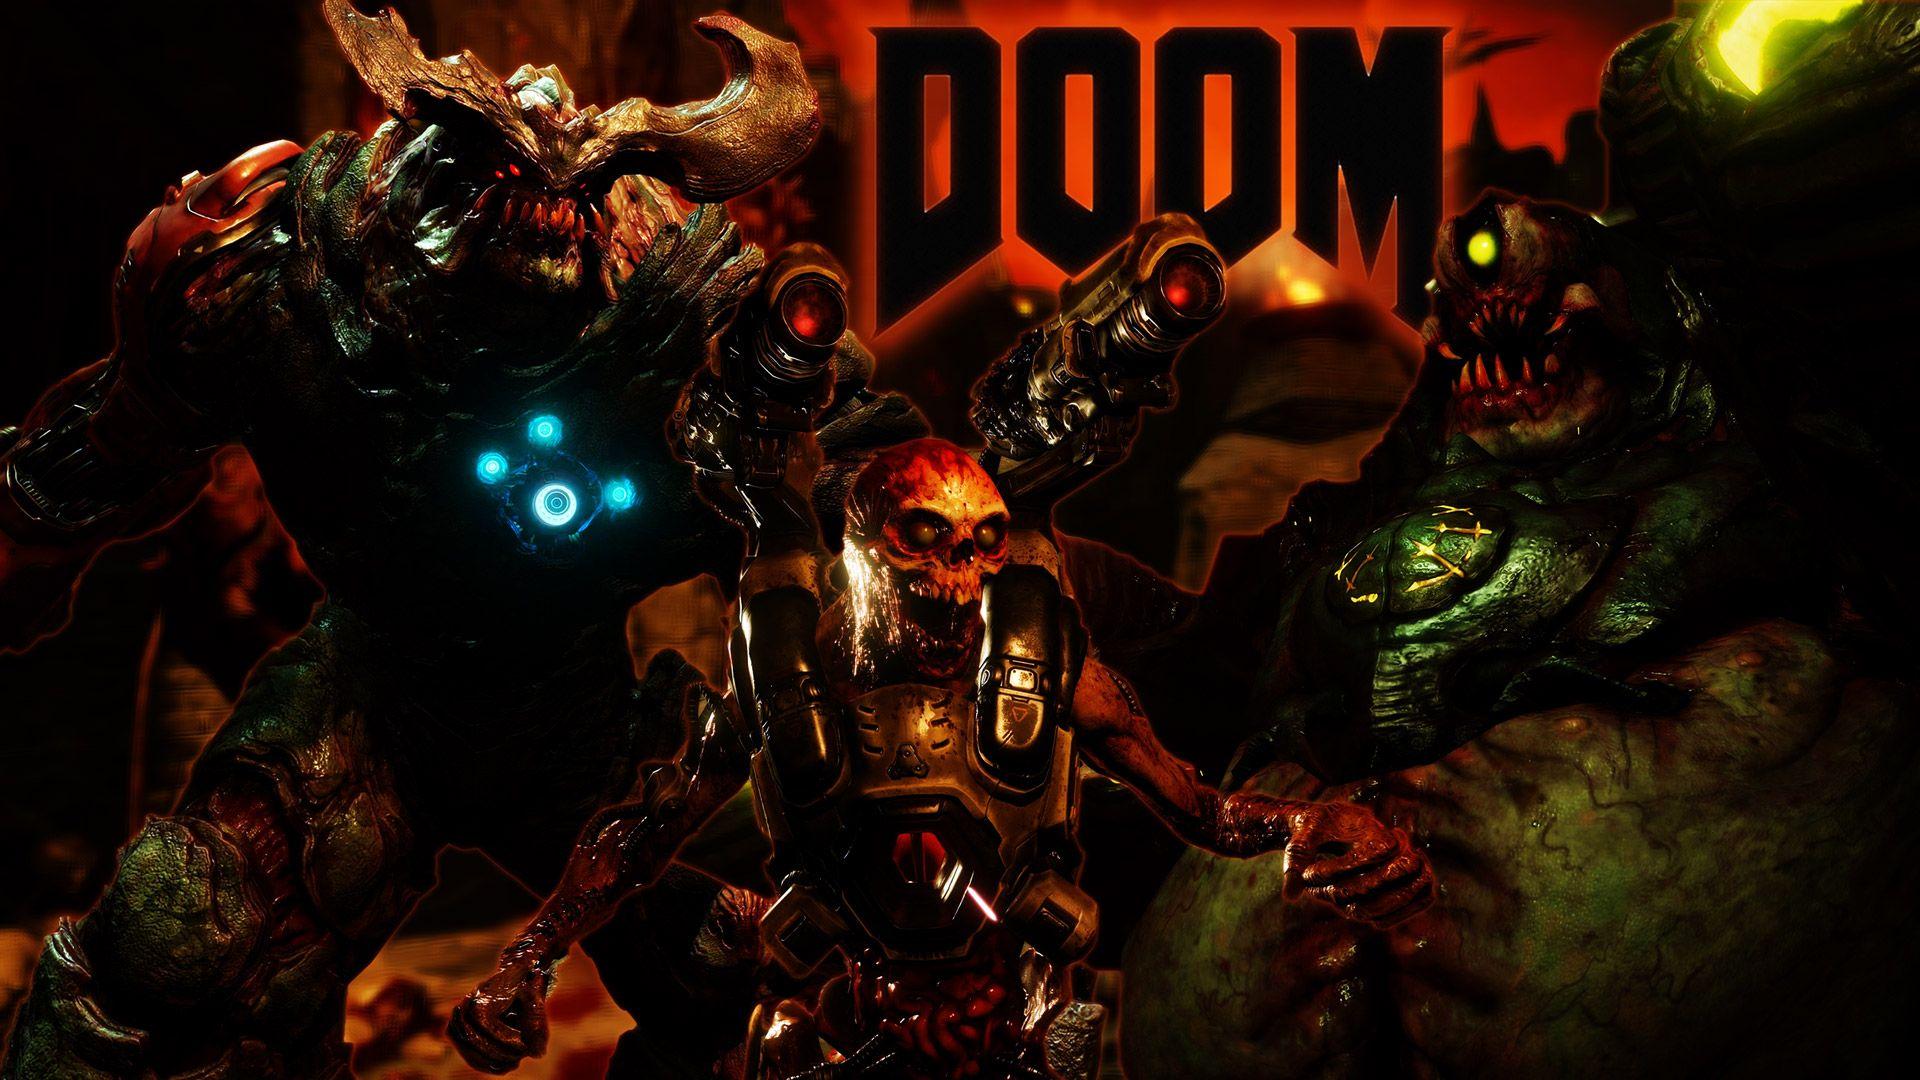 free doom (2016) wallpaper in 1920x1080 | doom wallpaper | pinterest